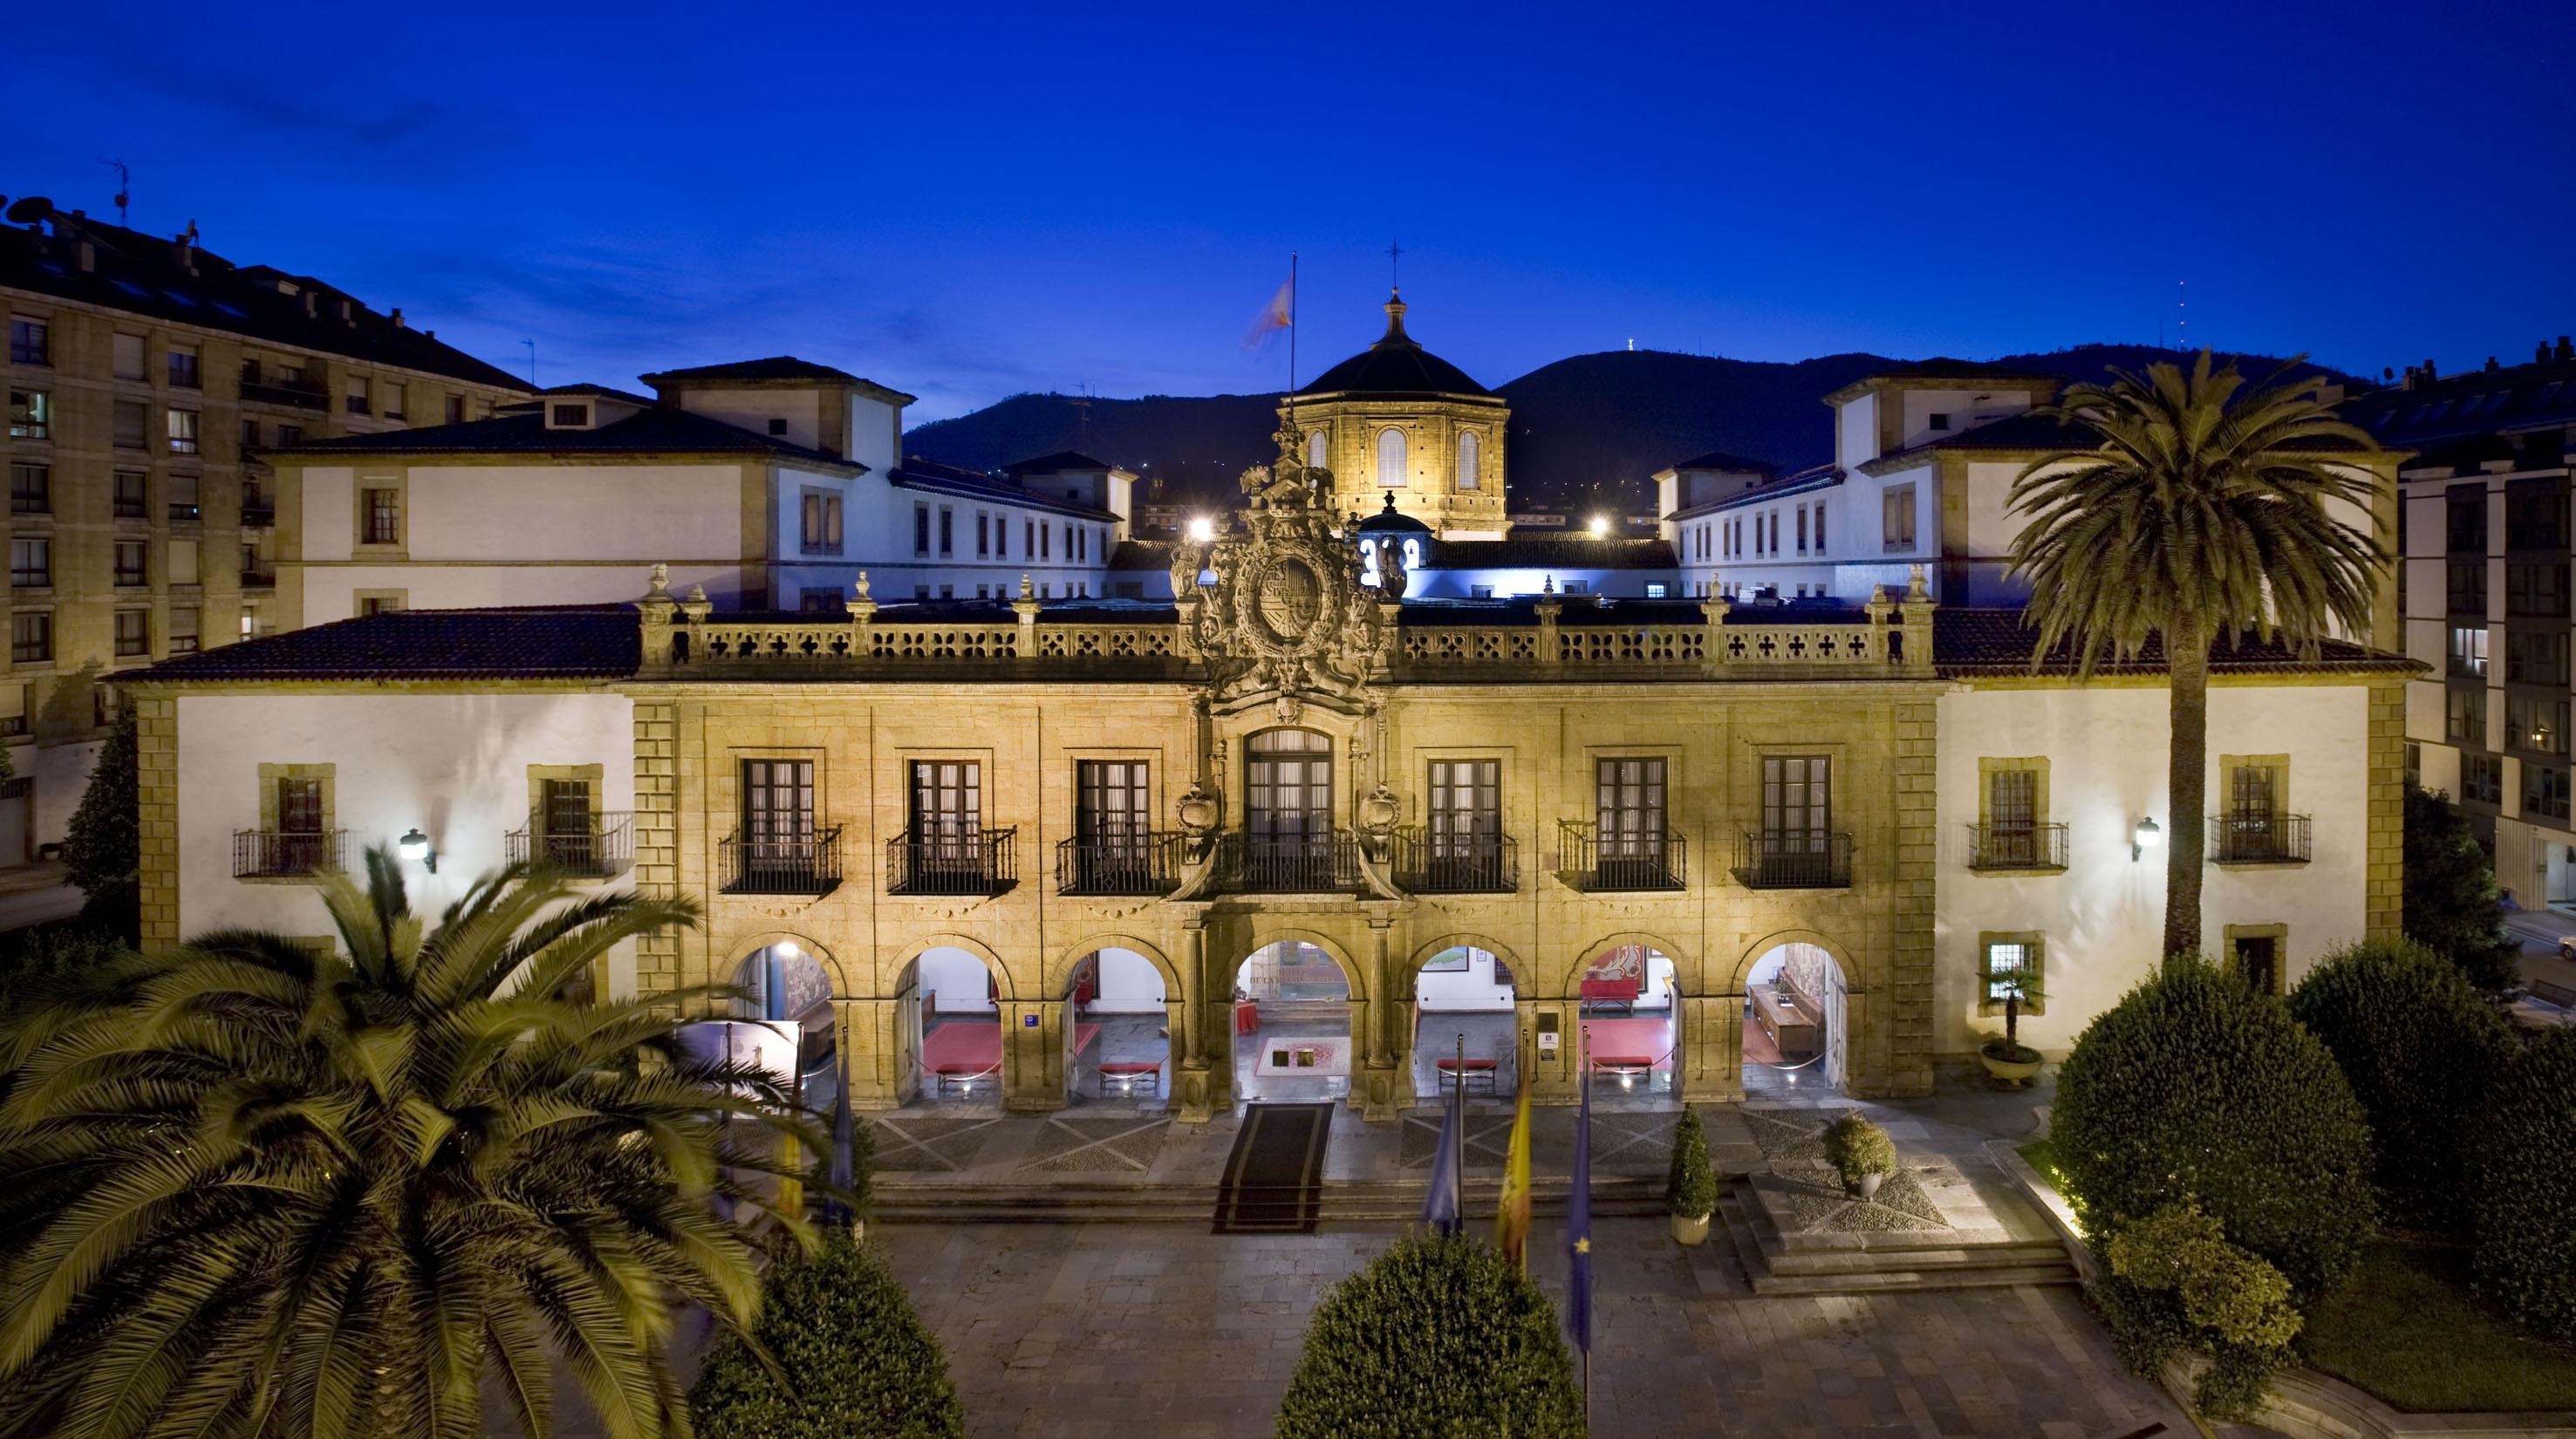 Hotel Reconquista Oviedo Estima20120611 0004 1